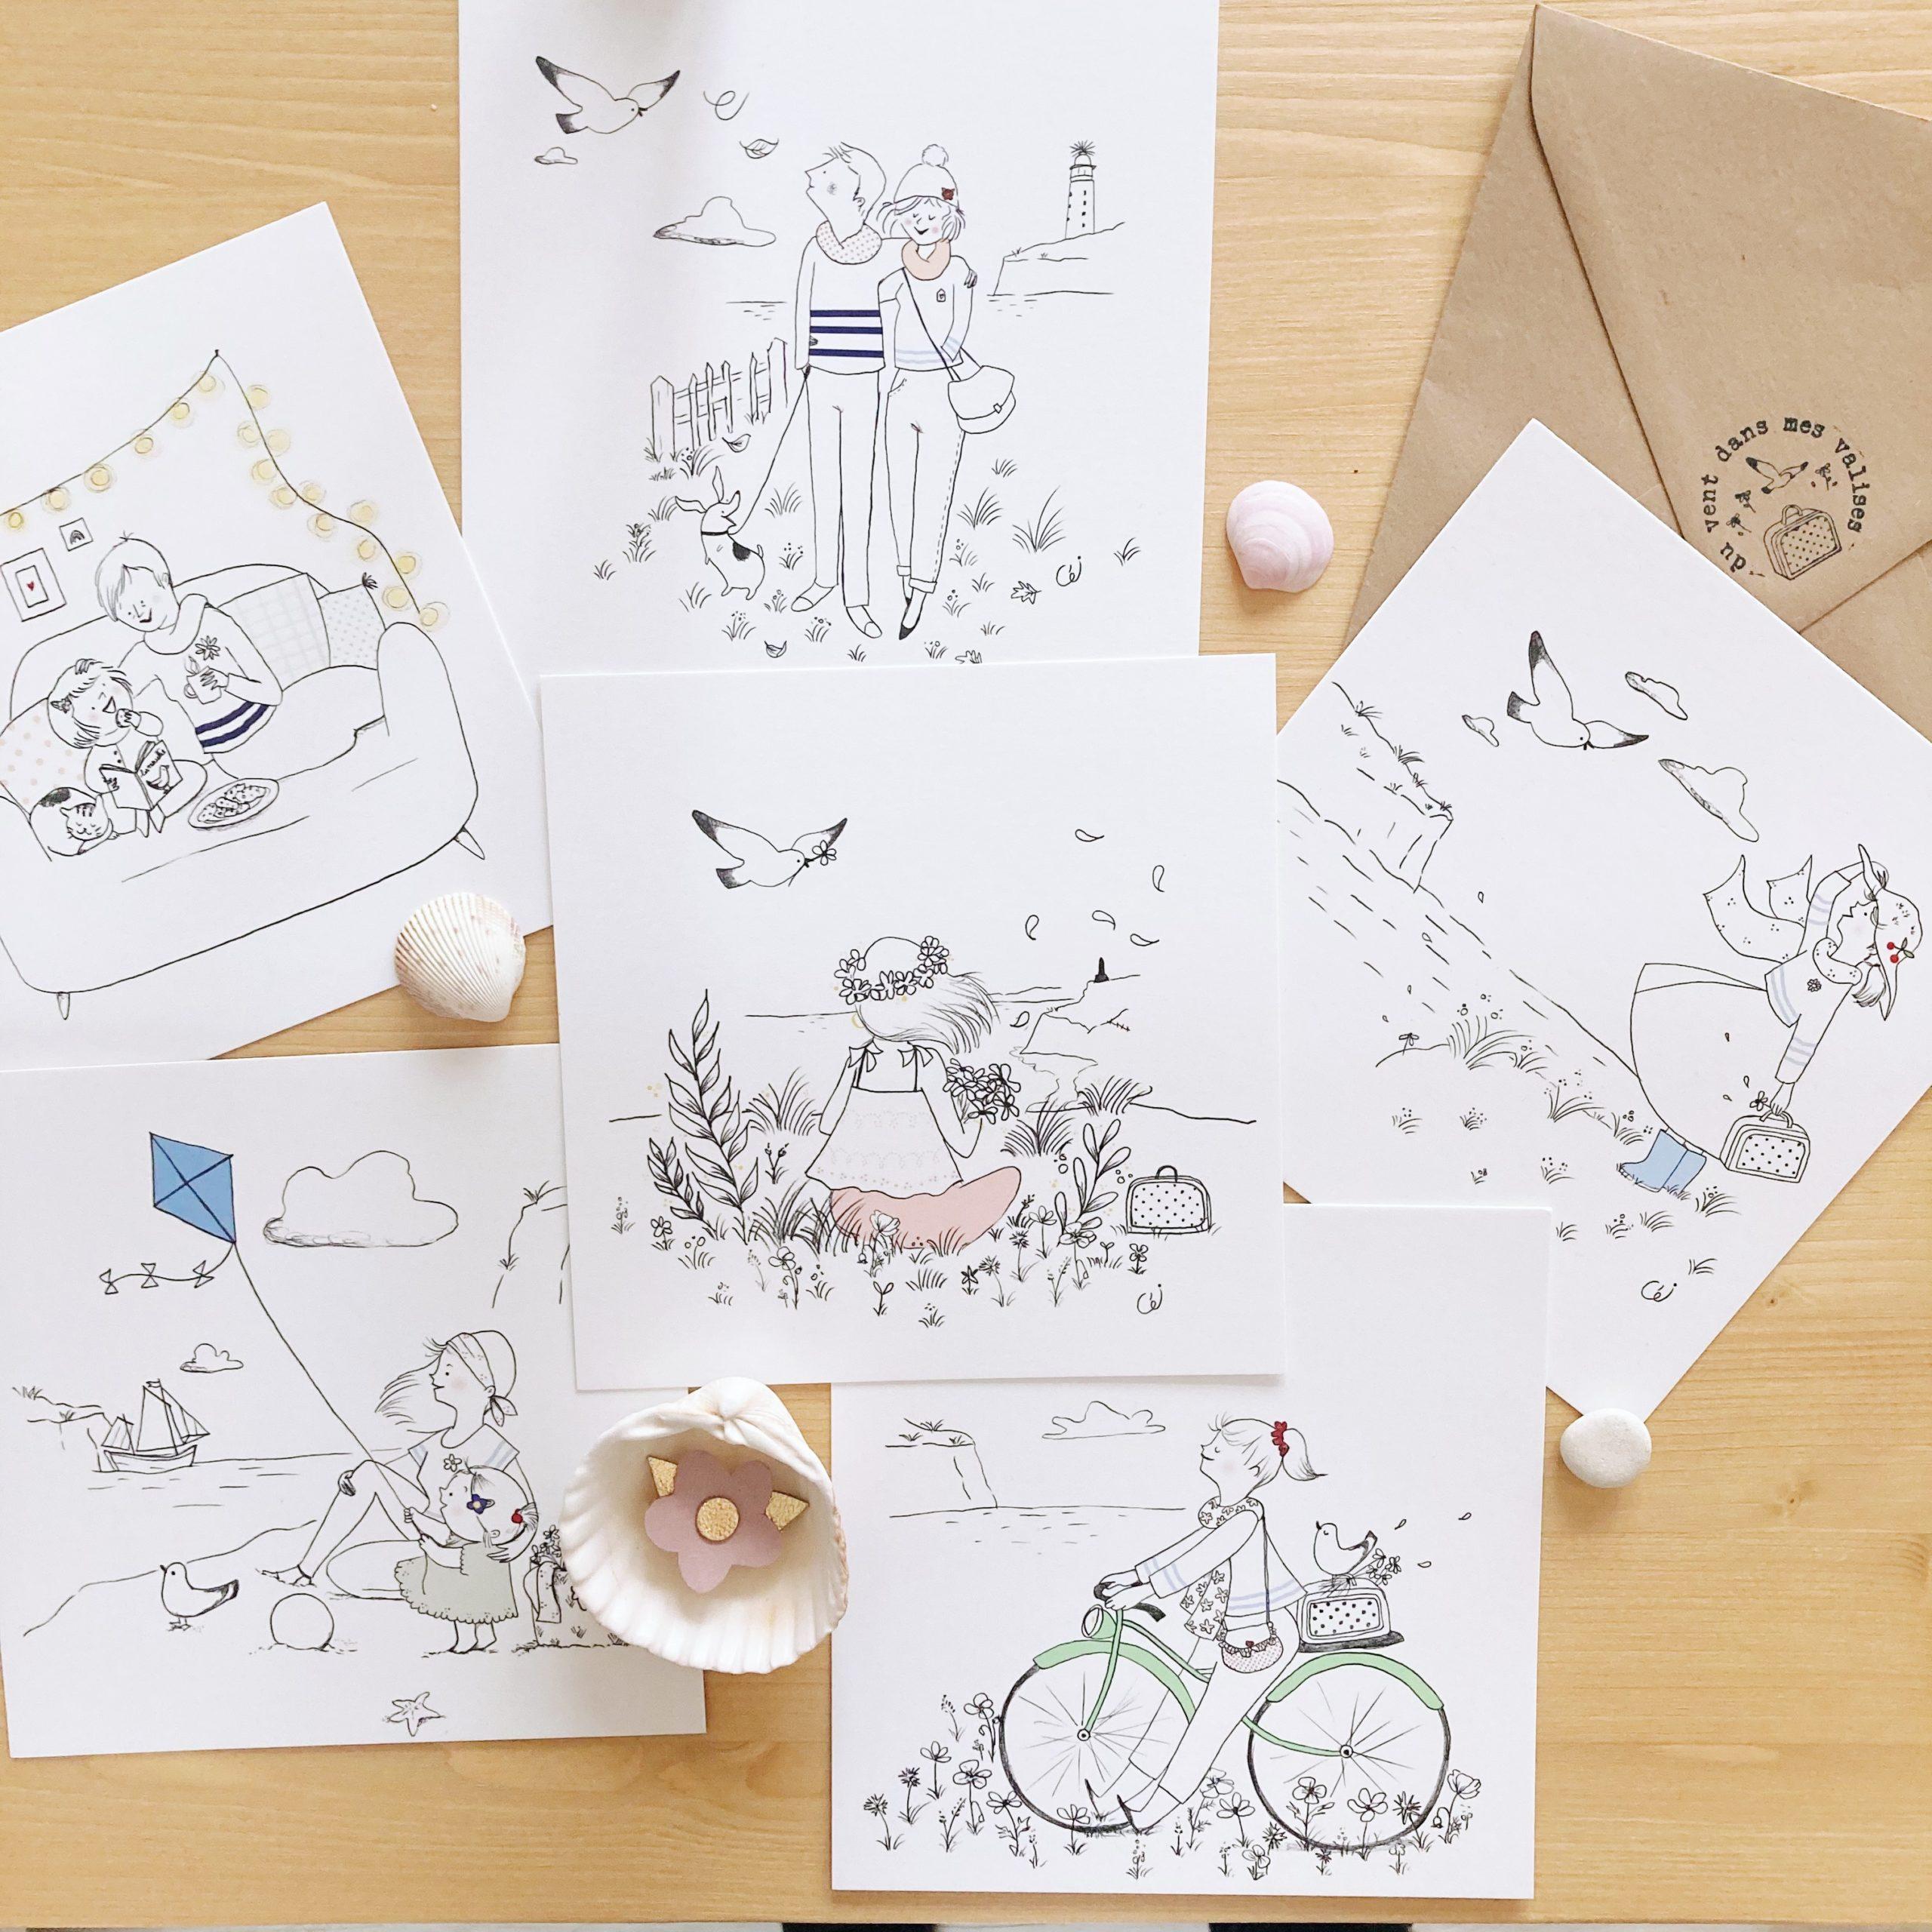 cartes poétiques illustrées, fabriquées en France de façon artisanale - Eulalie sous la lune x du vent dans mes valises